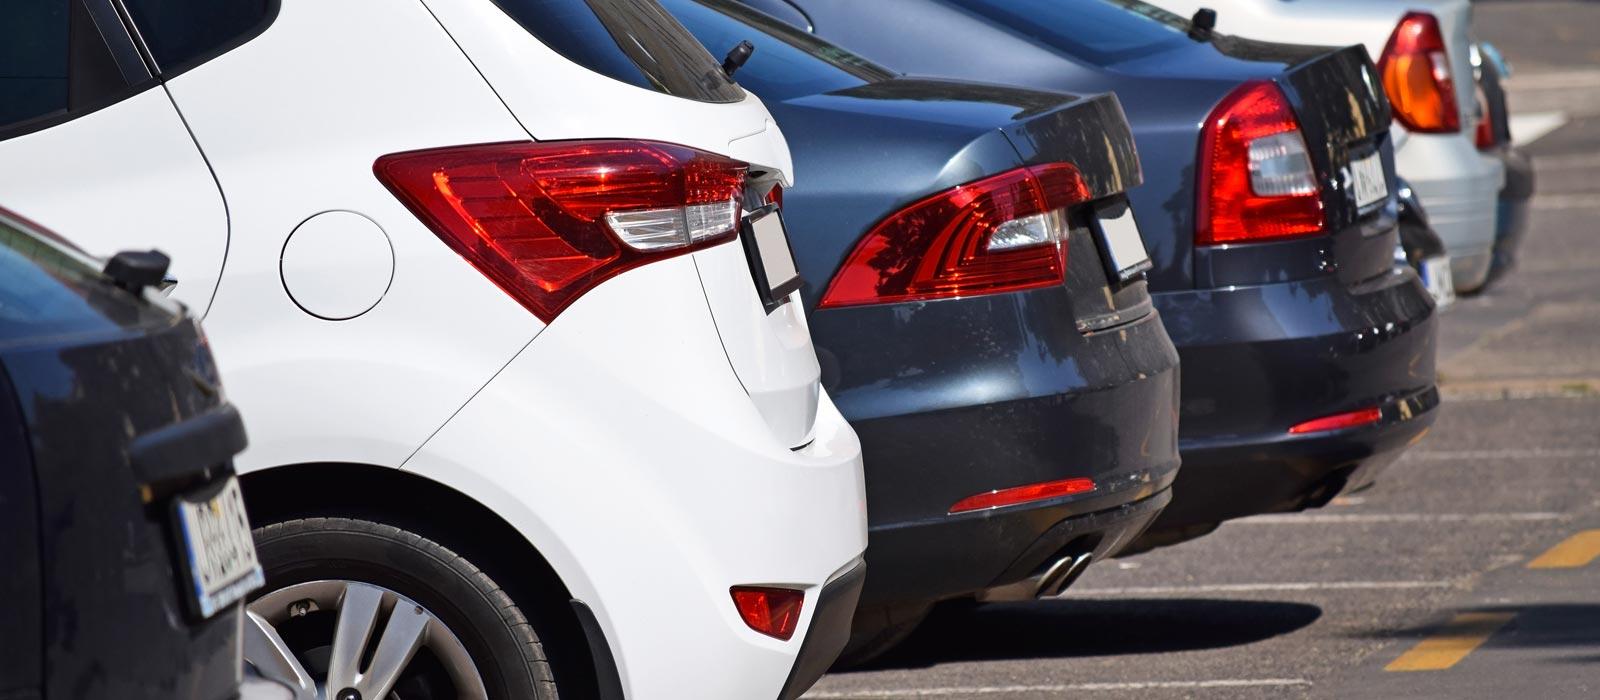 Location parking: pour une harmonie entre les parties